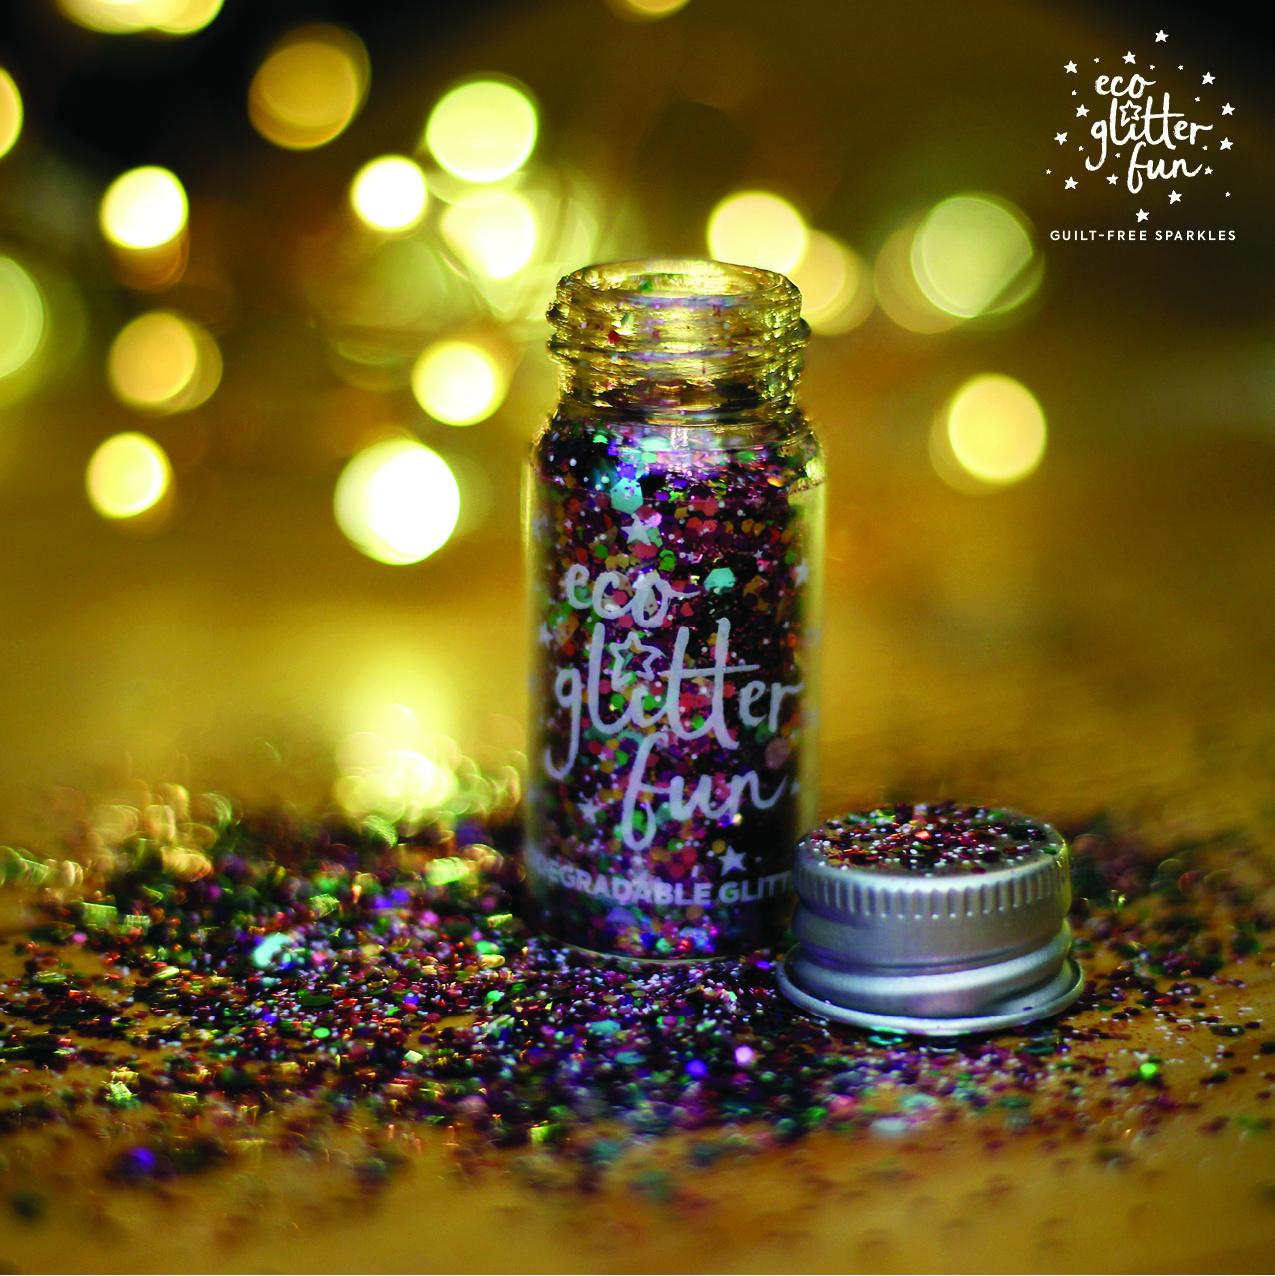 Merry-go-round glitter blend